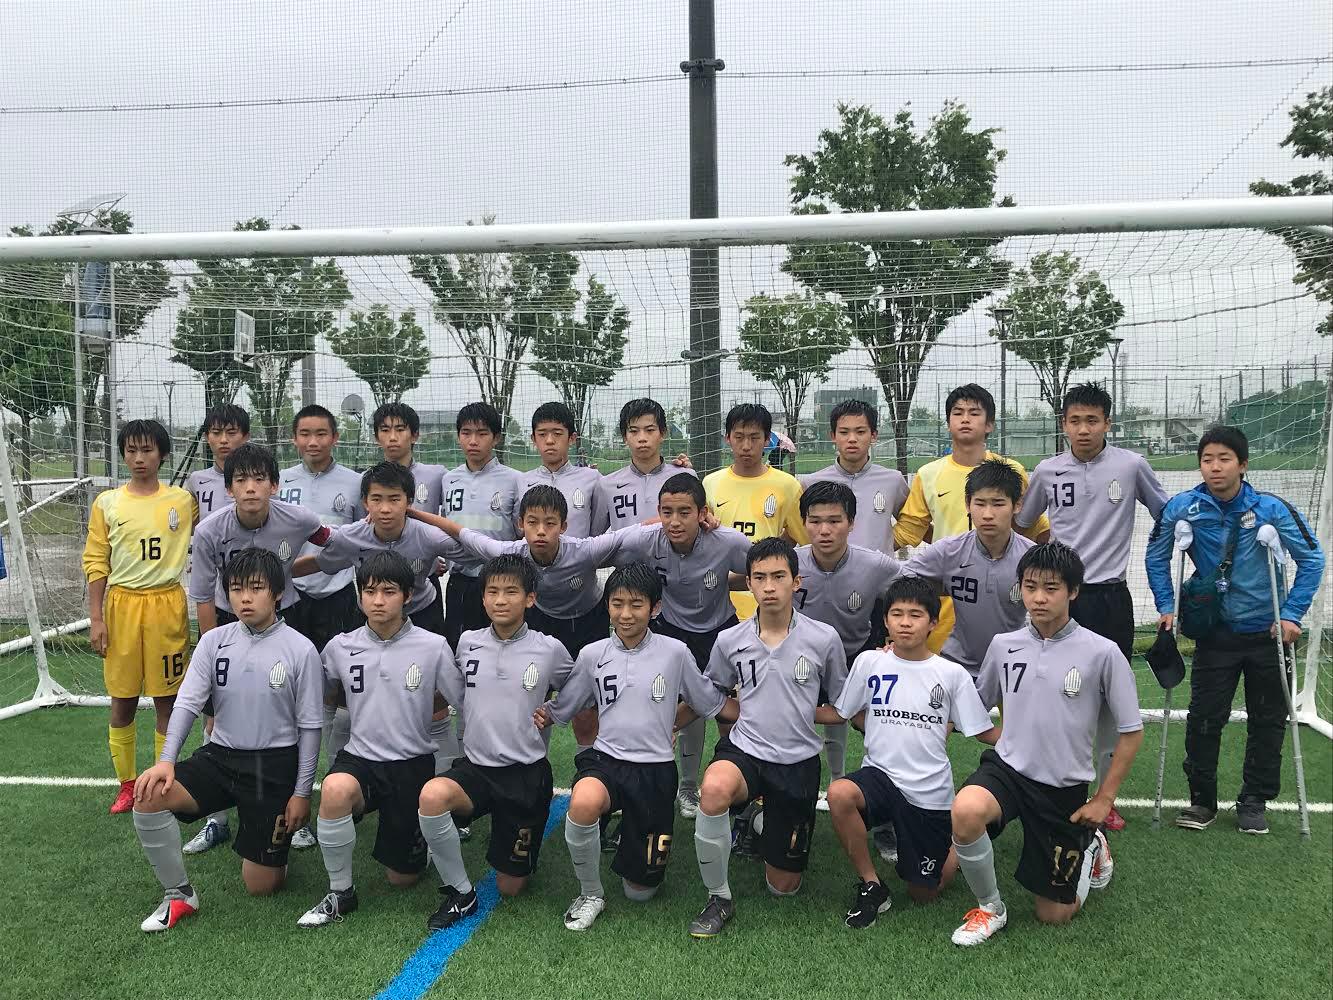 【U15】U-15クラブユース選手権 関東大会結果